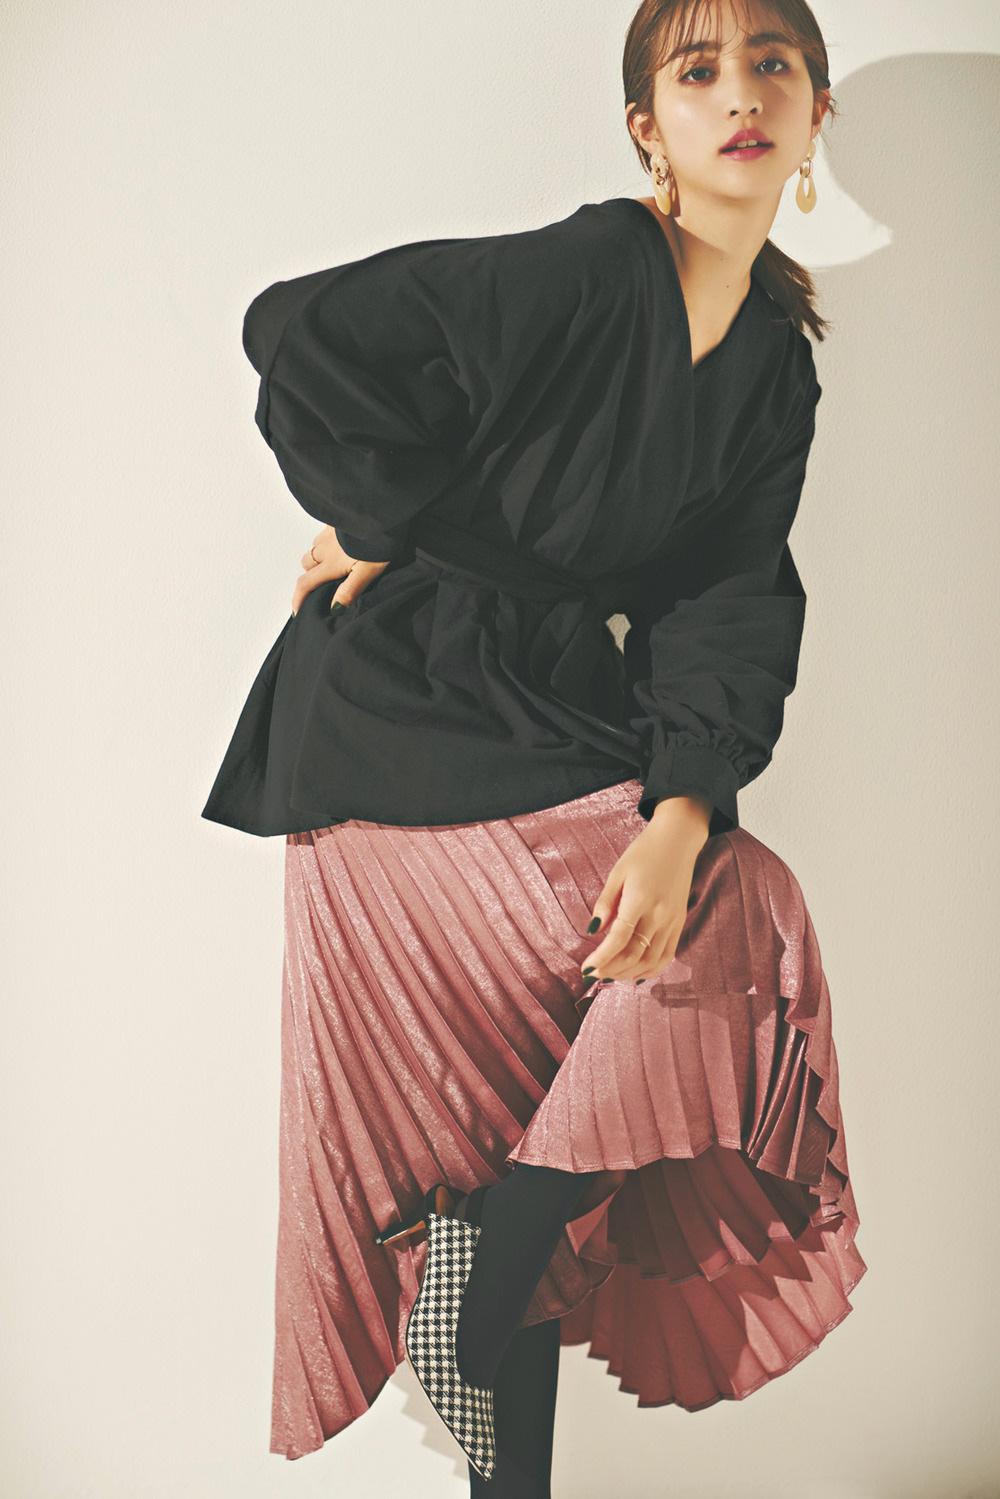 週末のディナーデートにおすすめ♡プリーツスカートで作る女っぽスタイル